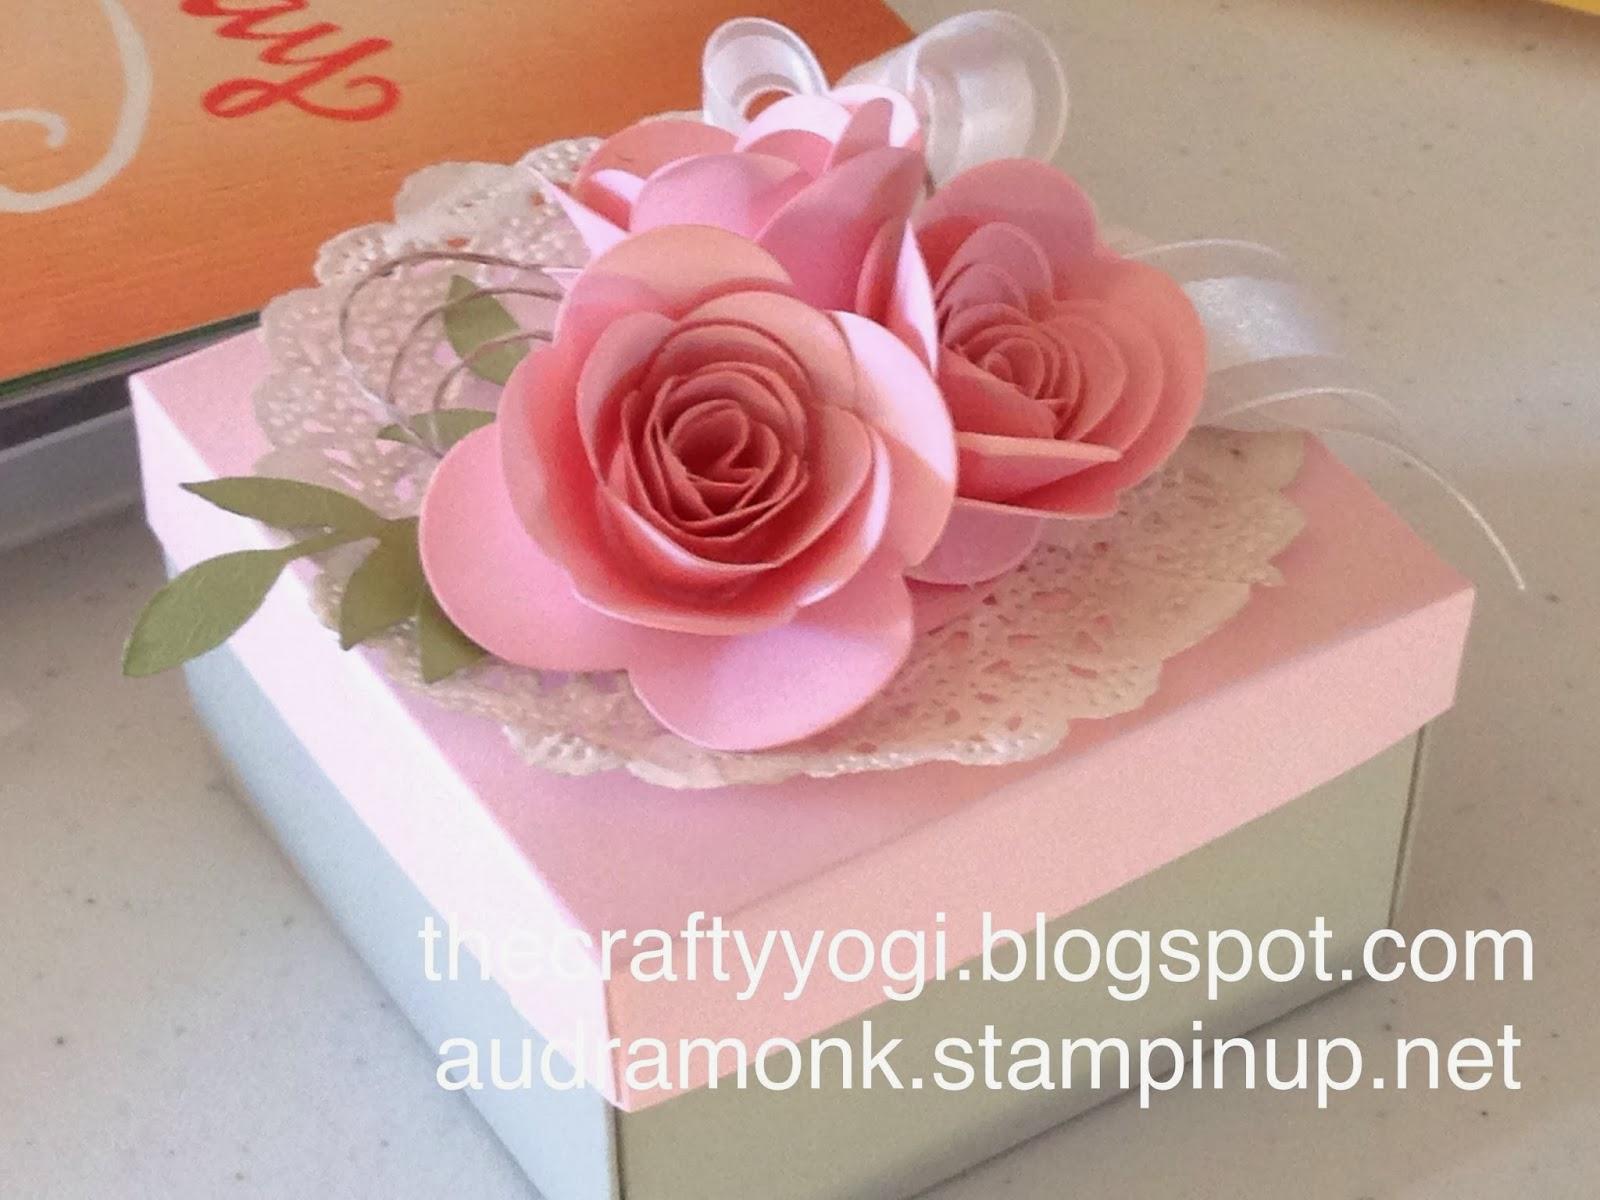 The Crafty Yogi Spiral Flower Die Gift Box